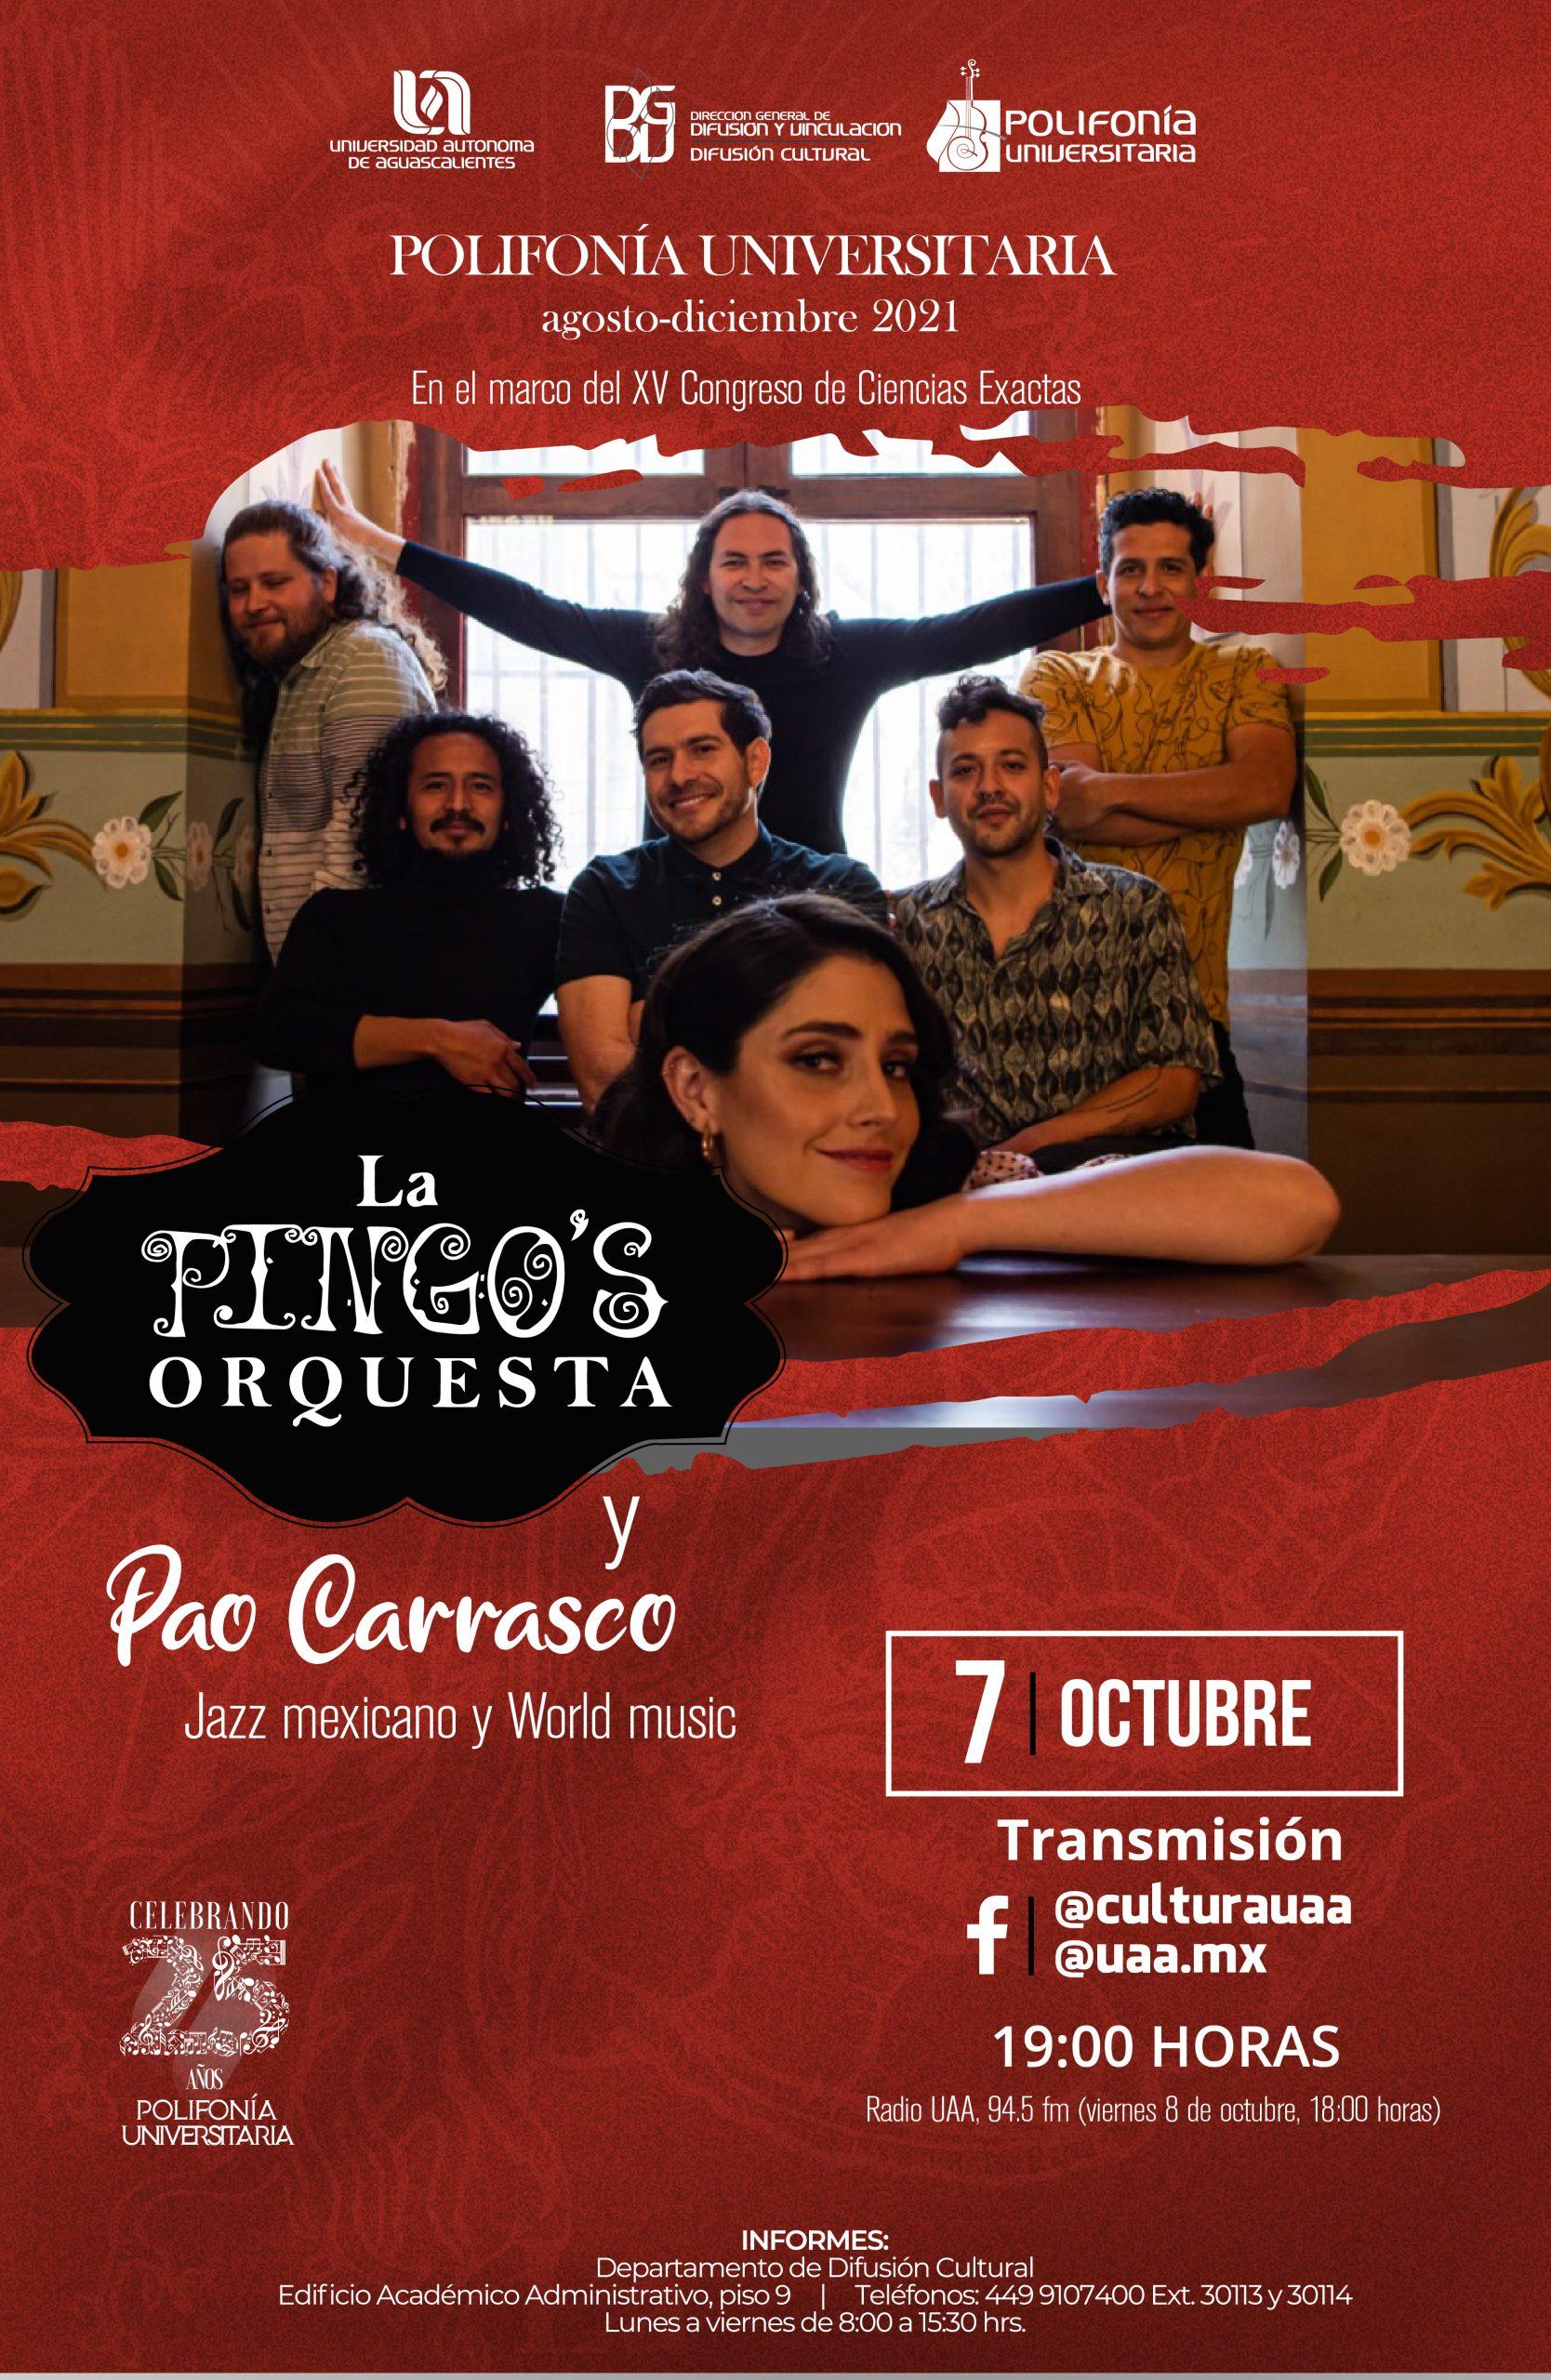 Polifonía Universitaria – La Pingo's Orquesta y Pao Carrasco